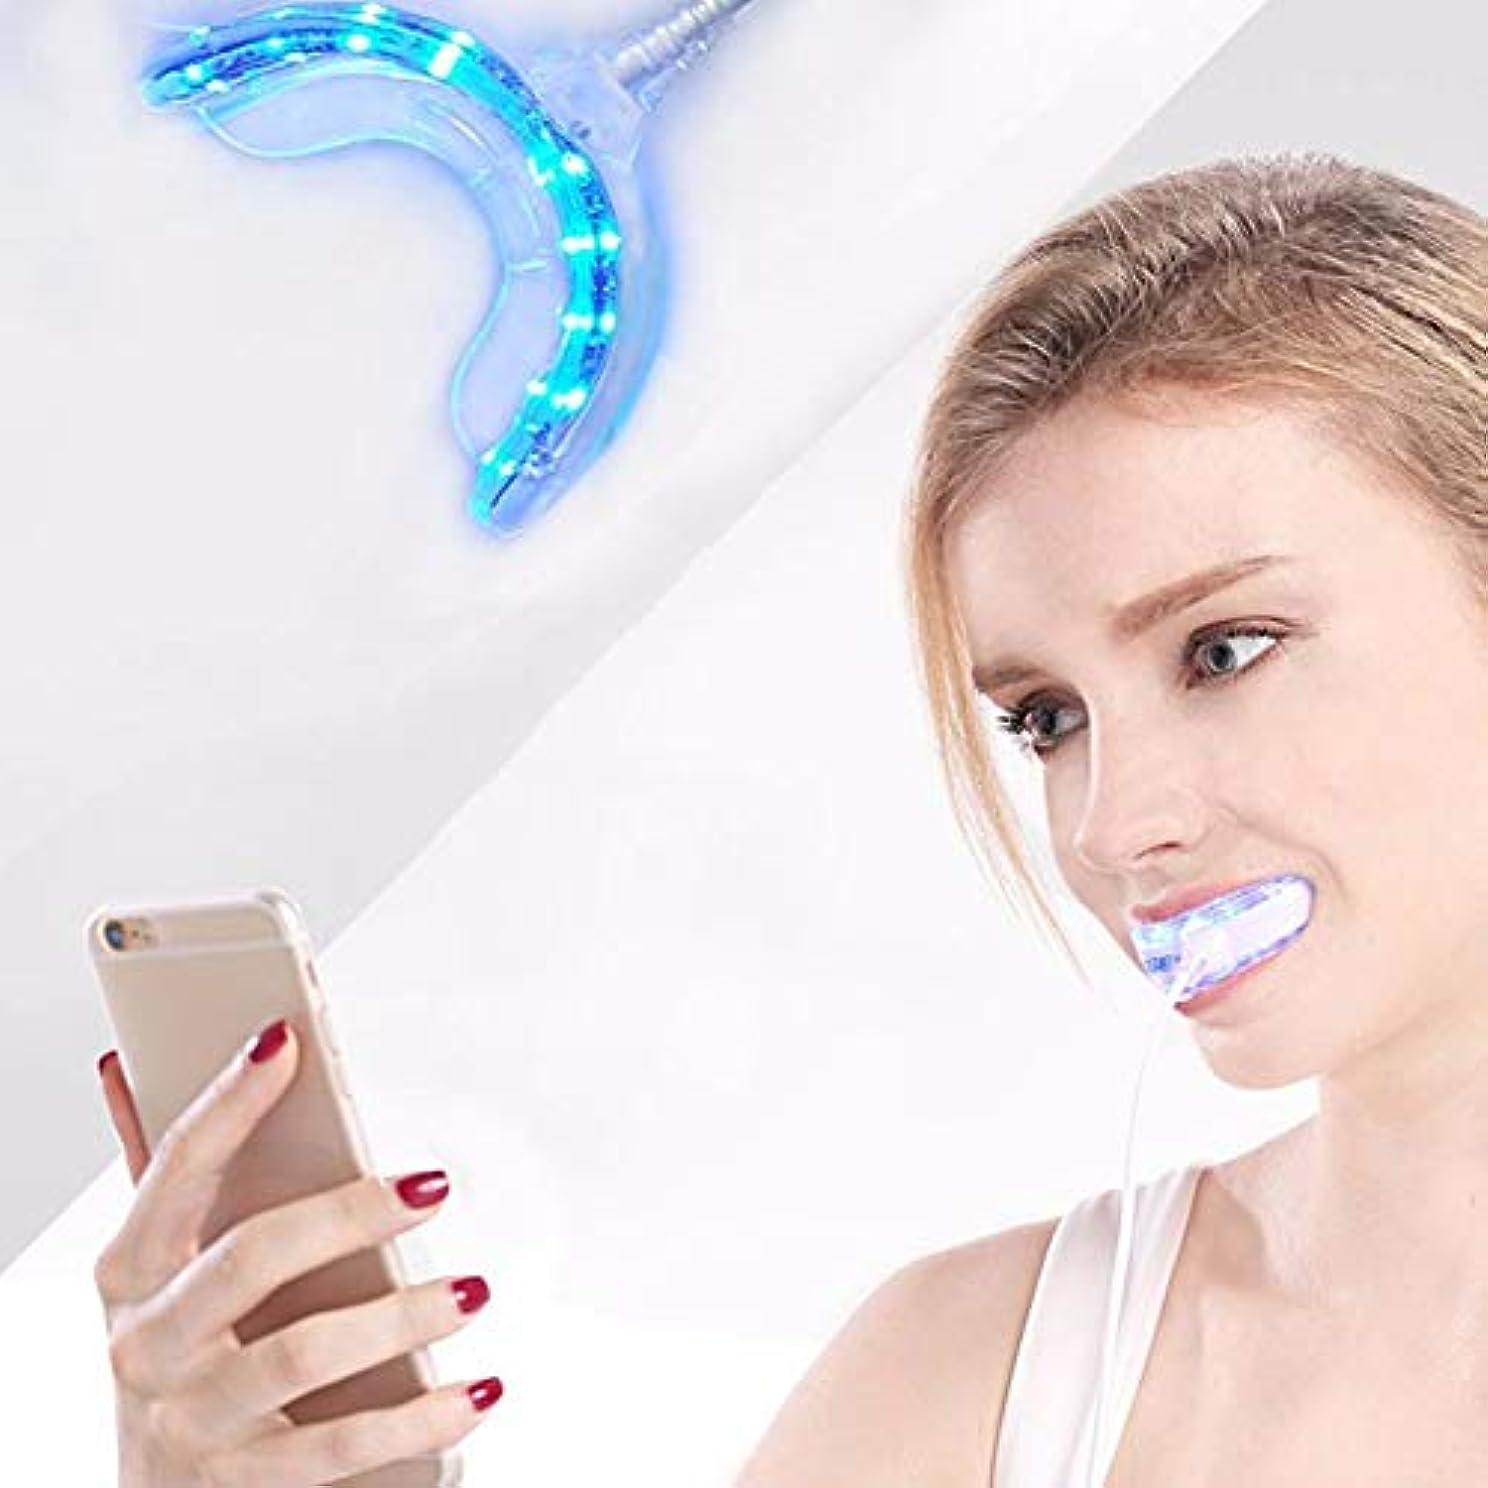 戻すピンポイント降臨人間の特徴をもつIOSの歯科漂白システム防水歯を白くするための装置3 USB港を白くする携帯用スマートなLEDの歯